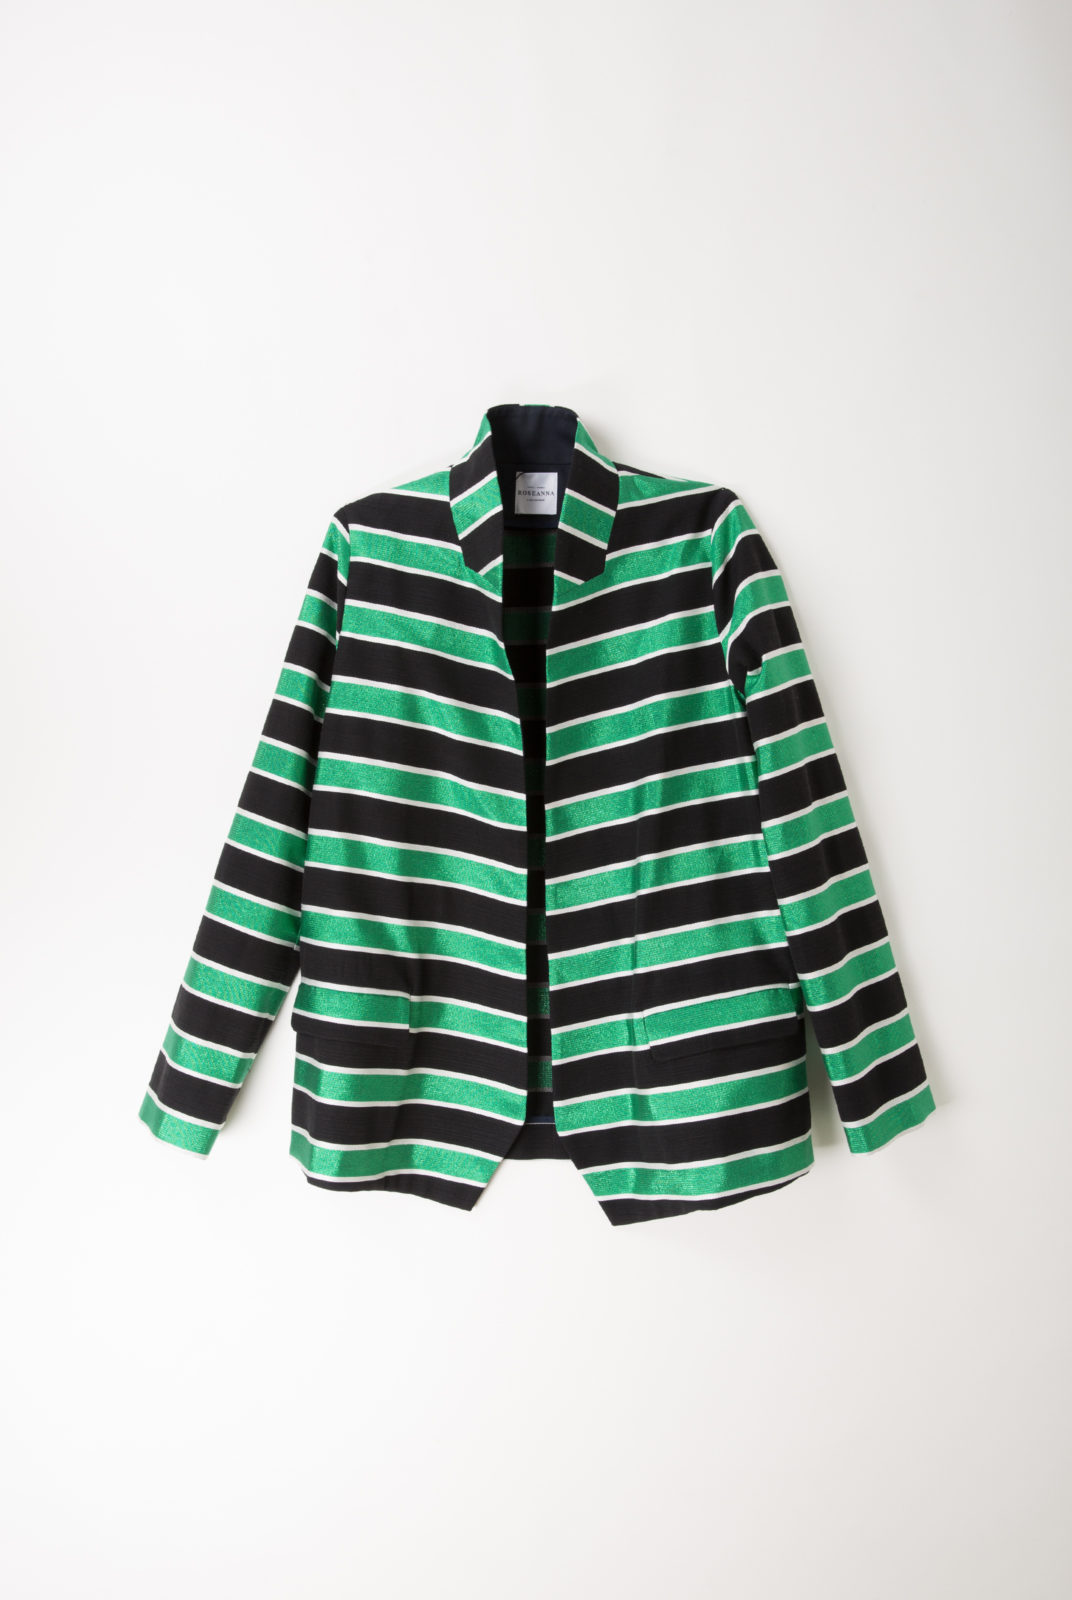 veste, coton mélangé, rayure verte et noire, roseanna